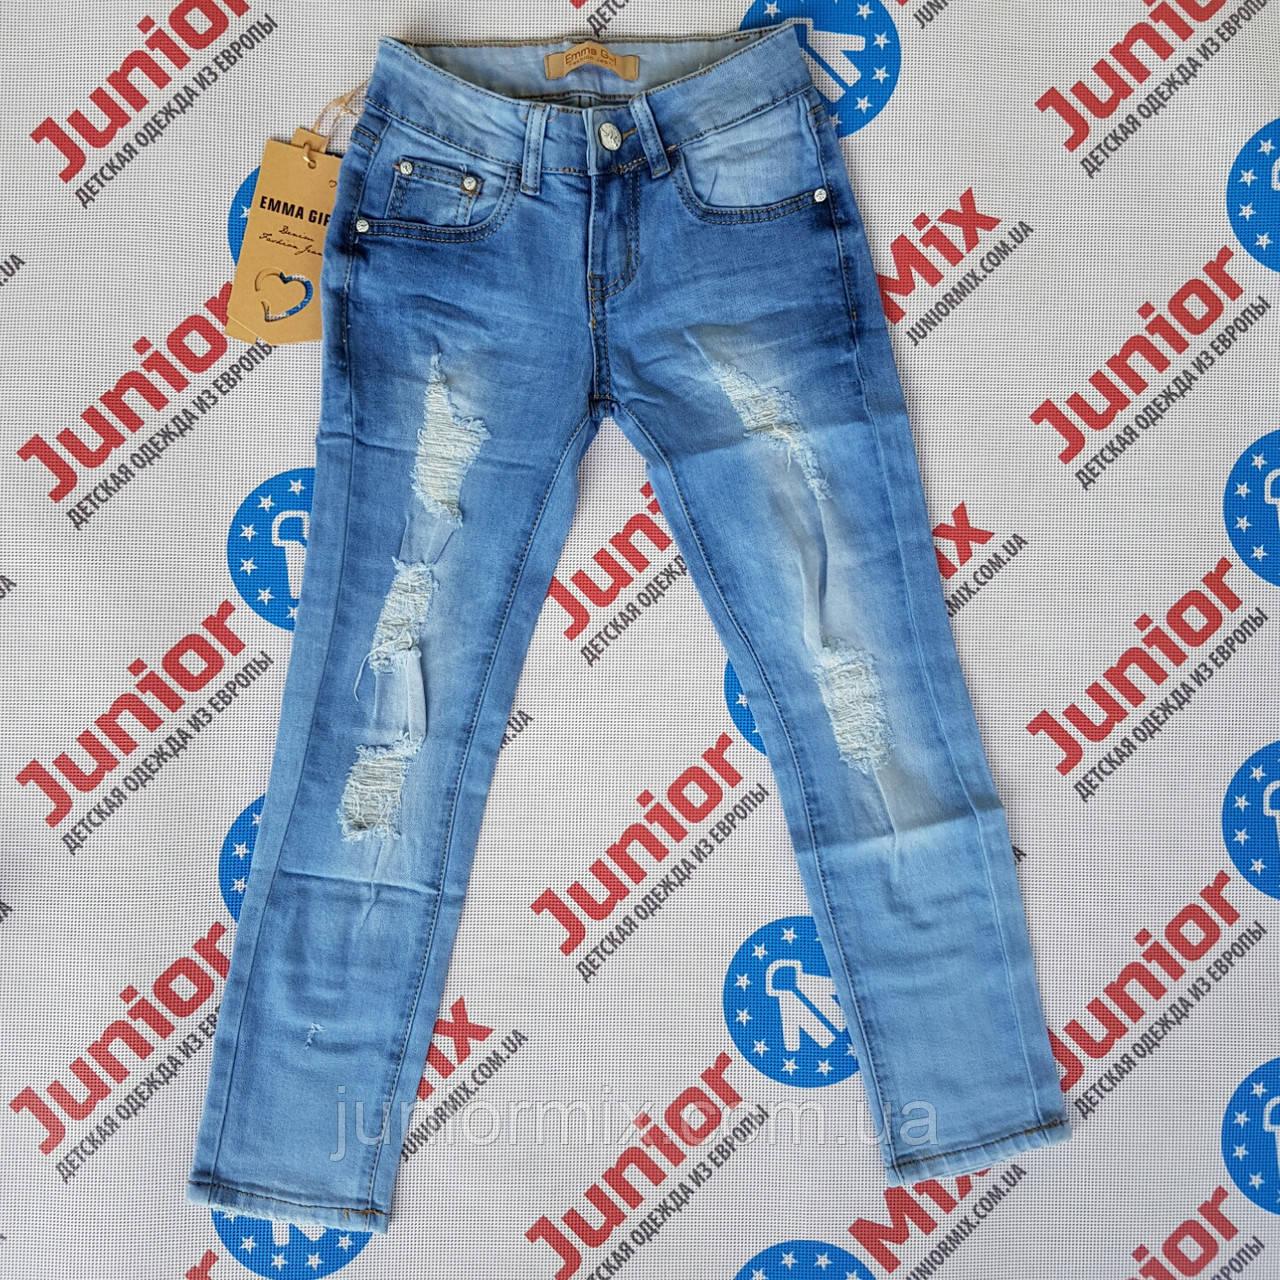 Подростковые рванные джинсы на девочку Emma Girl